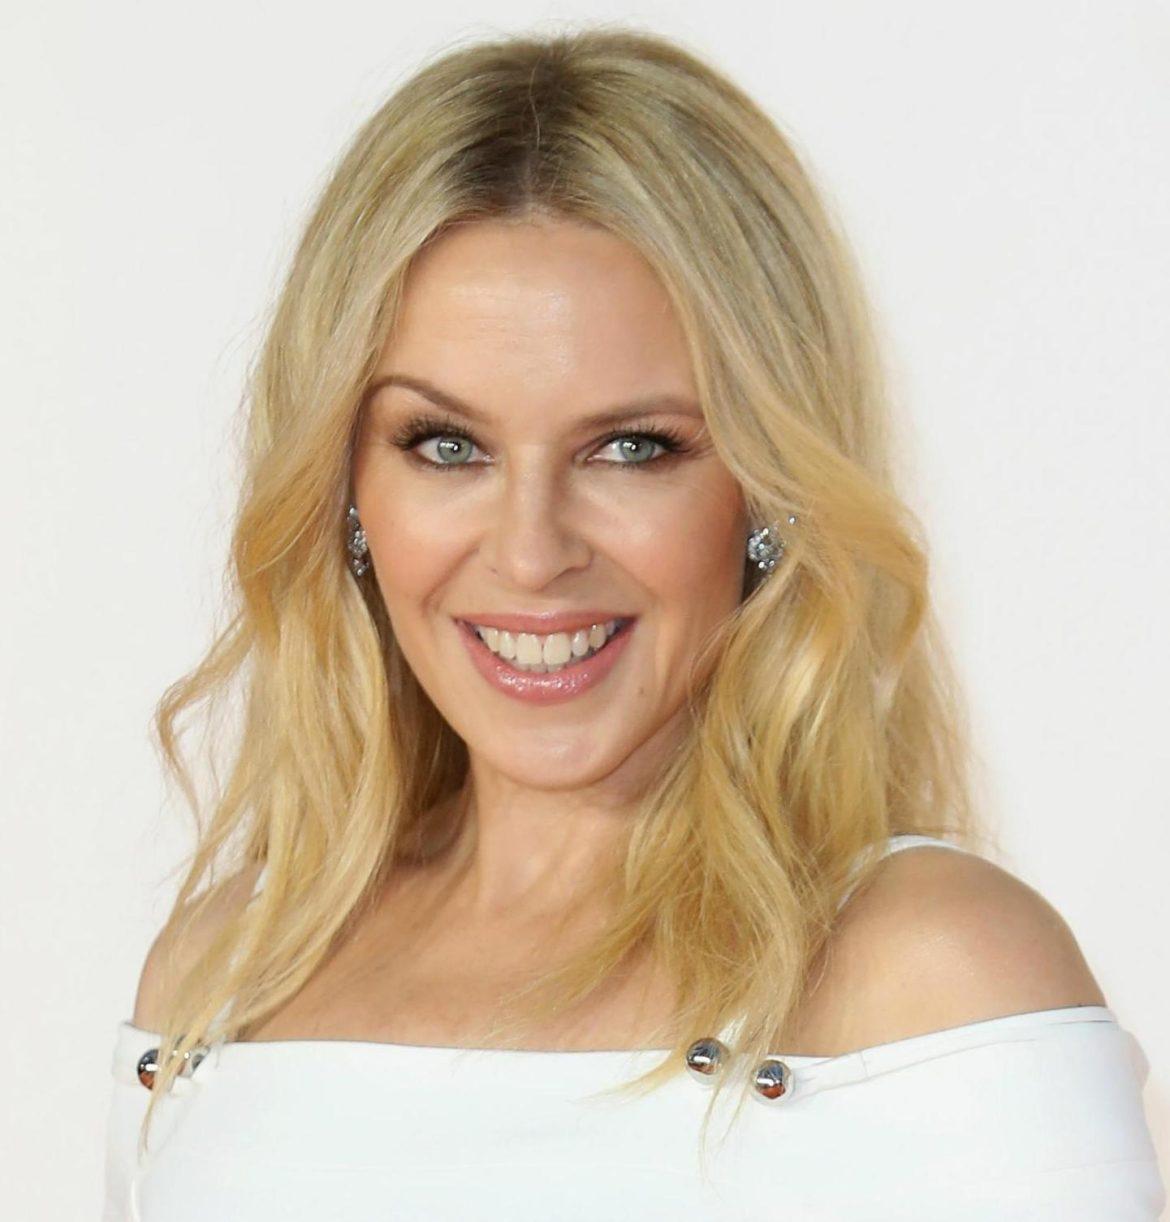 Австралійська співачка Кайлі Міноуг одягнула ніжну сукню від українського дизайнера(Фото)